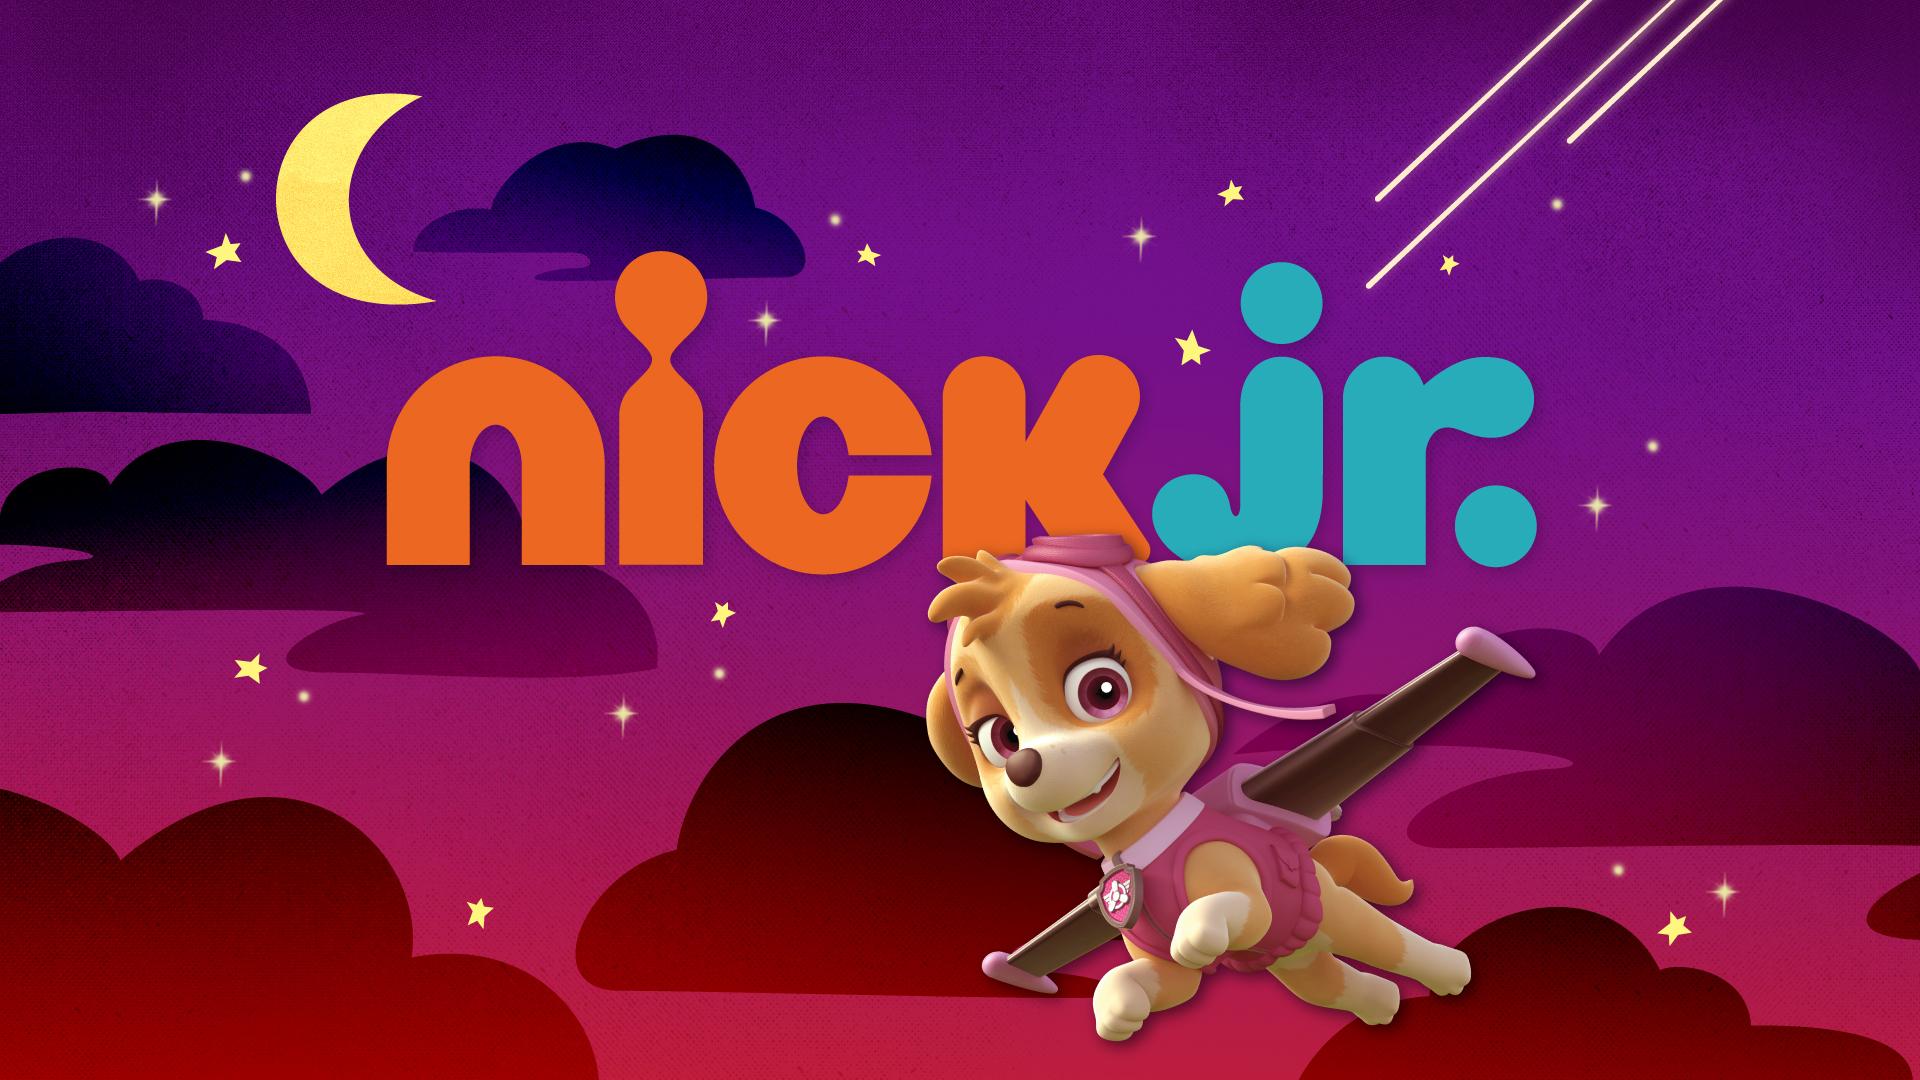 Nick_Jr.jpg